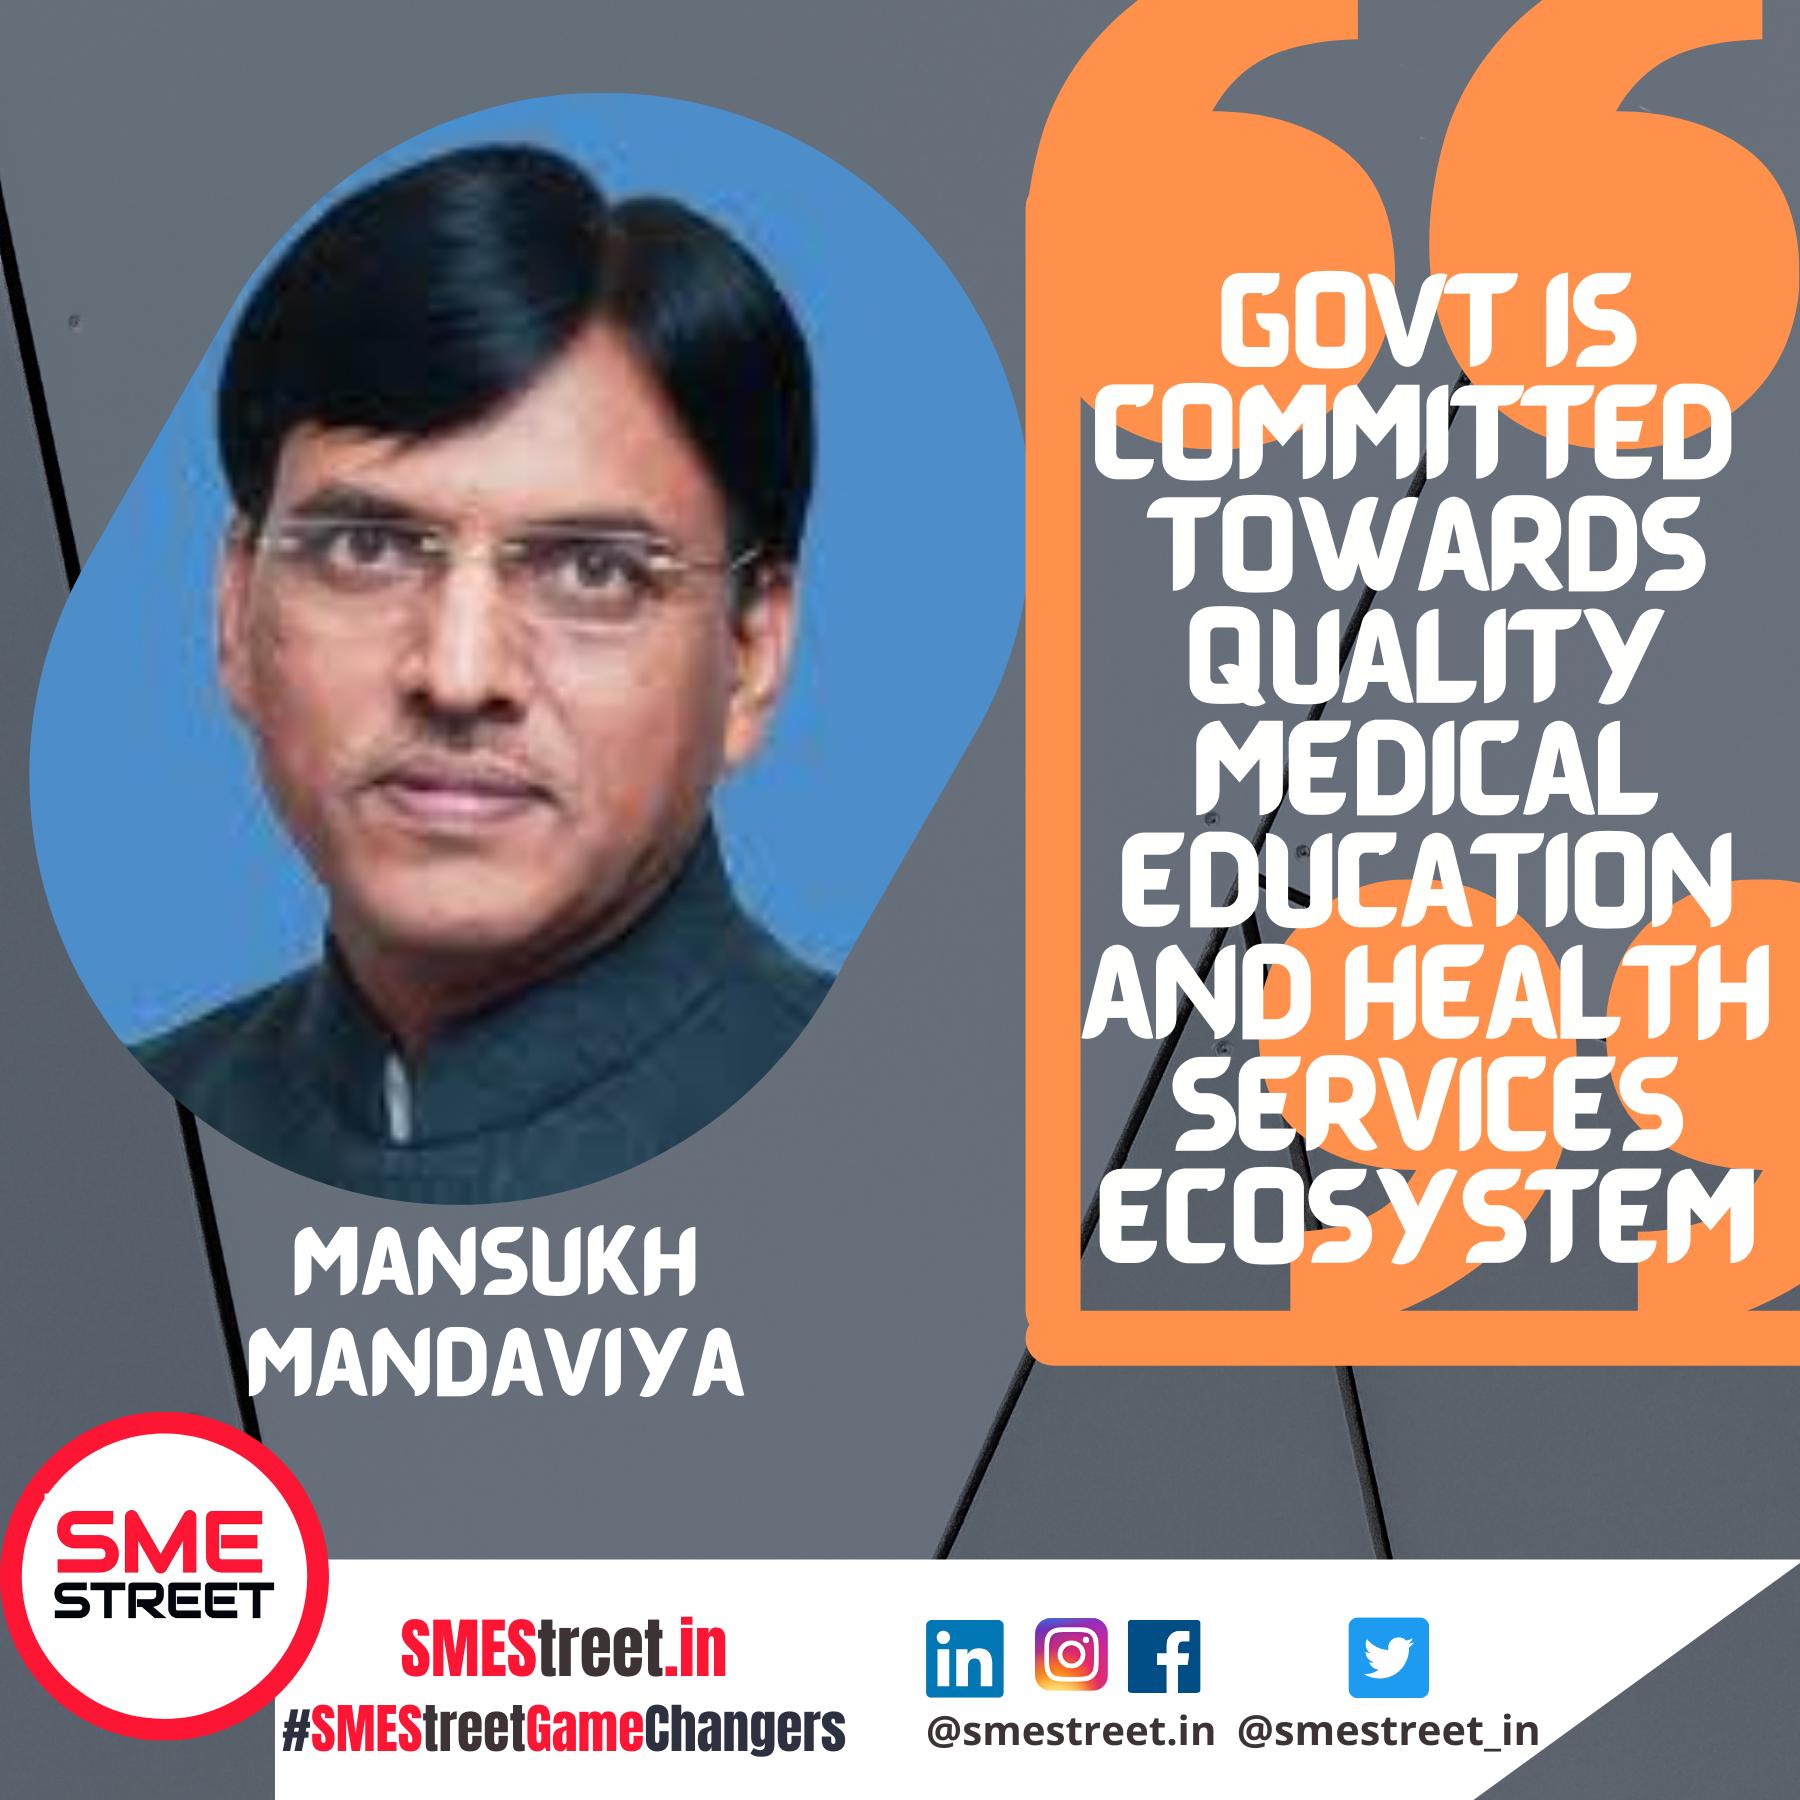 Mansukh Mandaviya, Health Minister, SMEStreet